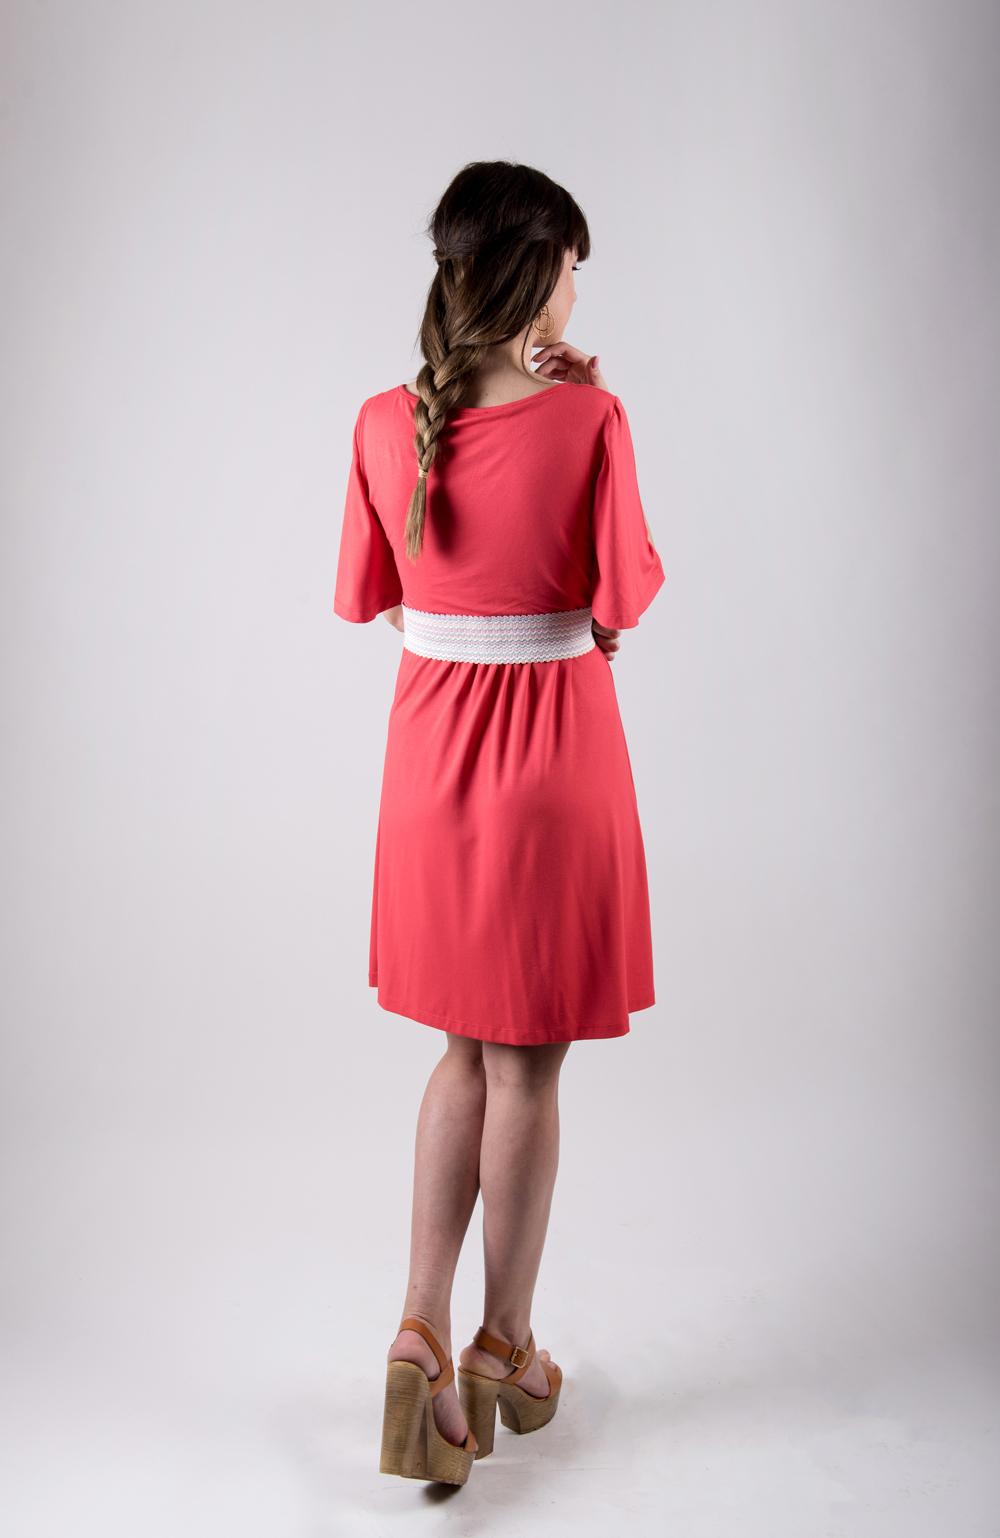 Φορεμα θηλασμου Coral | Δωρεάν αποστολή άνω των 80€ | koupepe.com